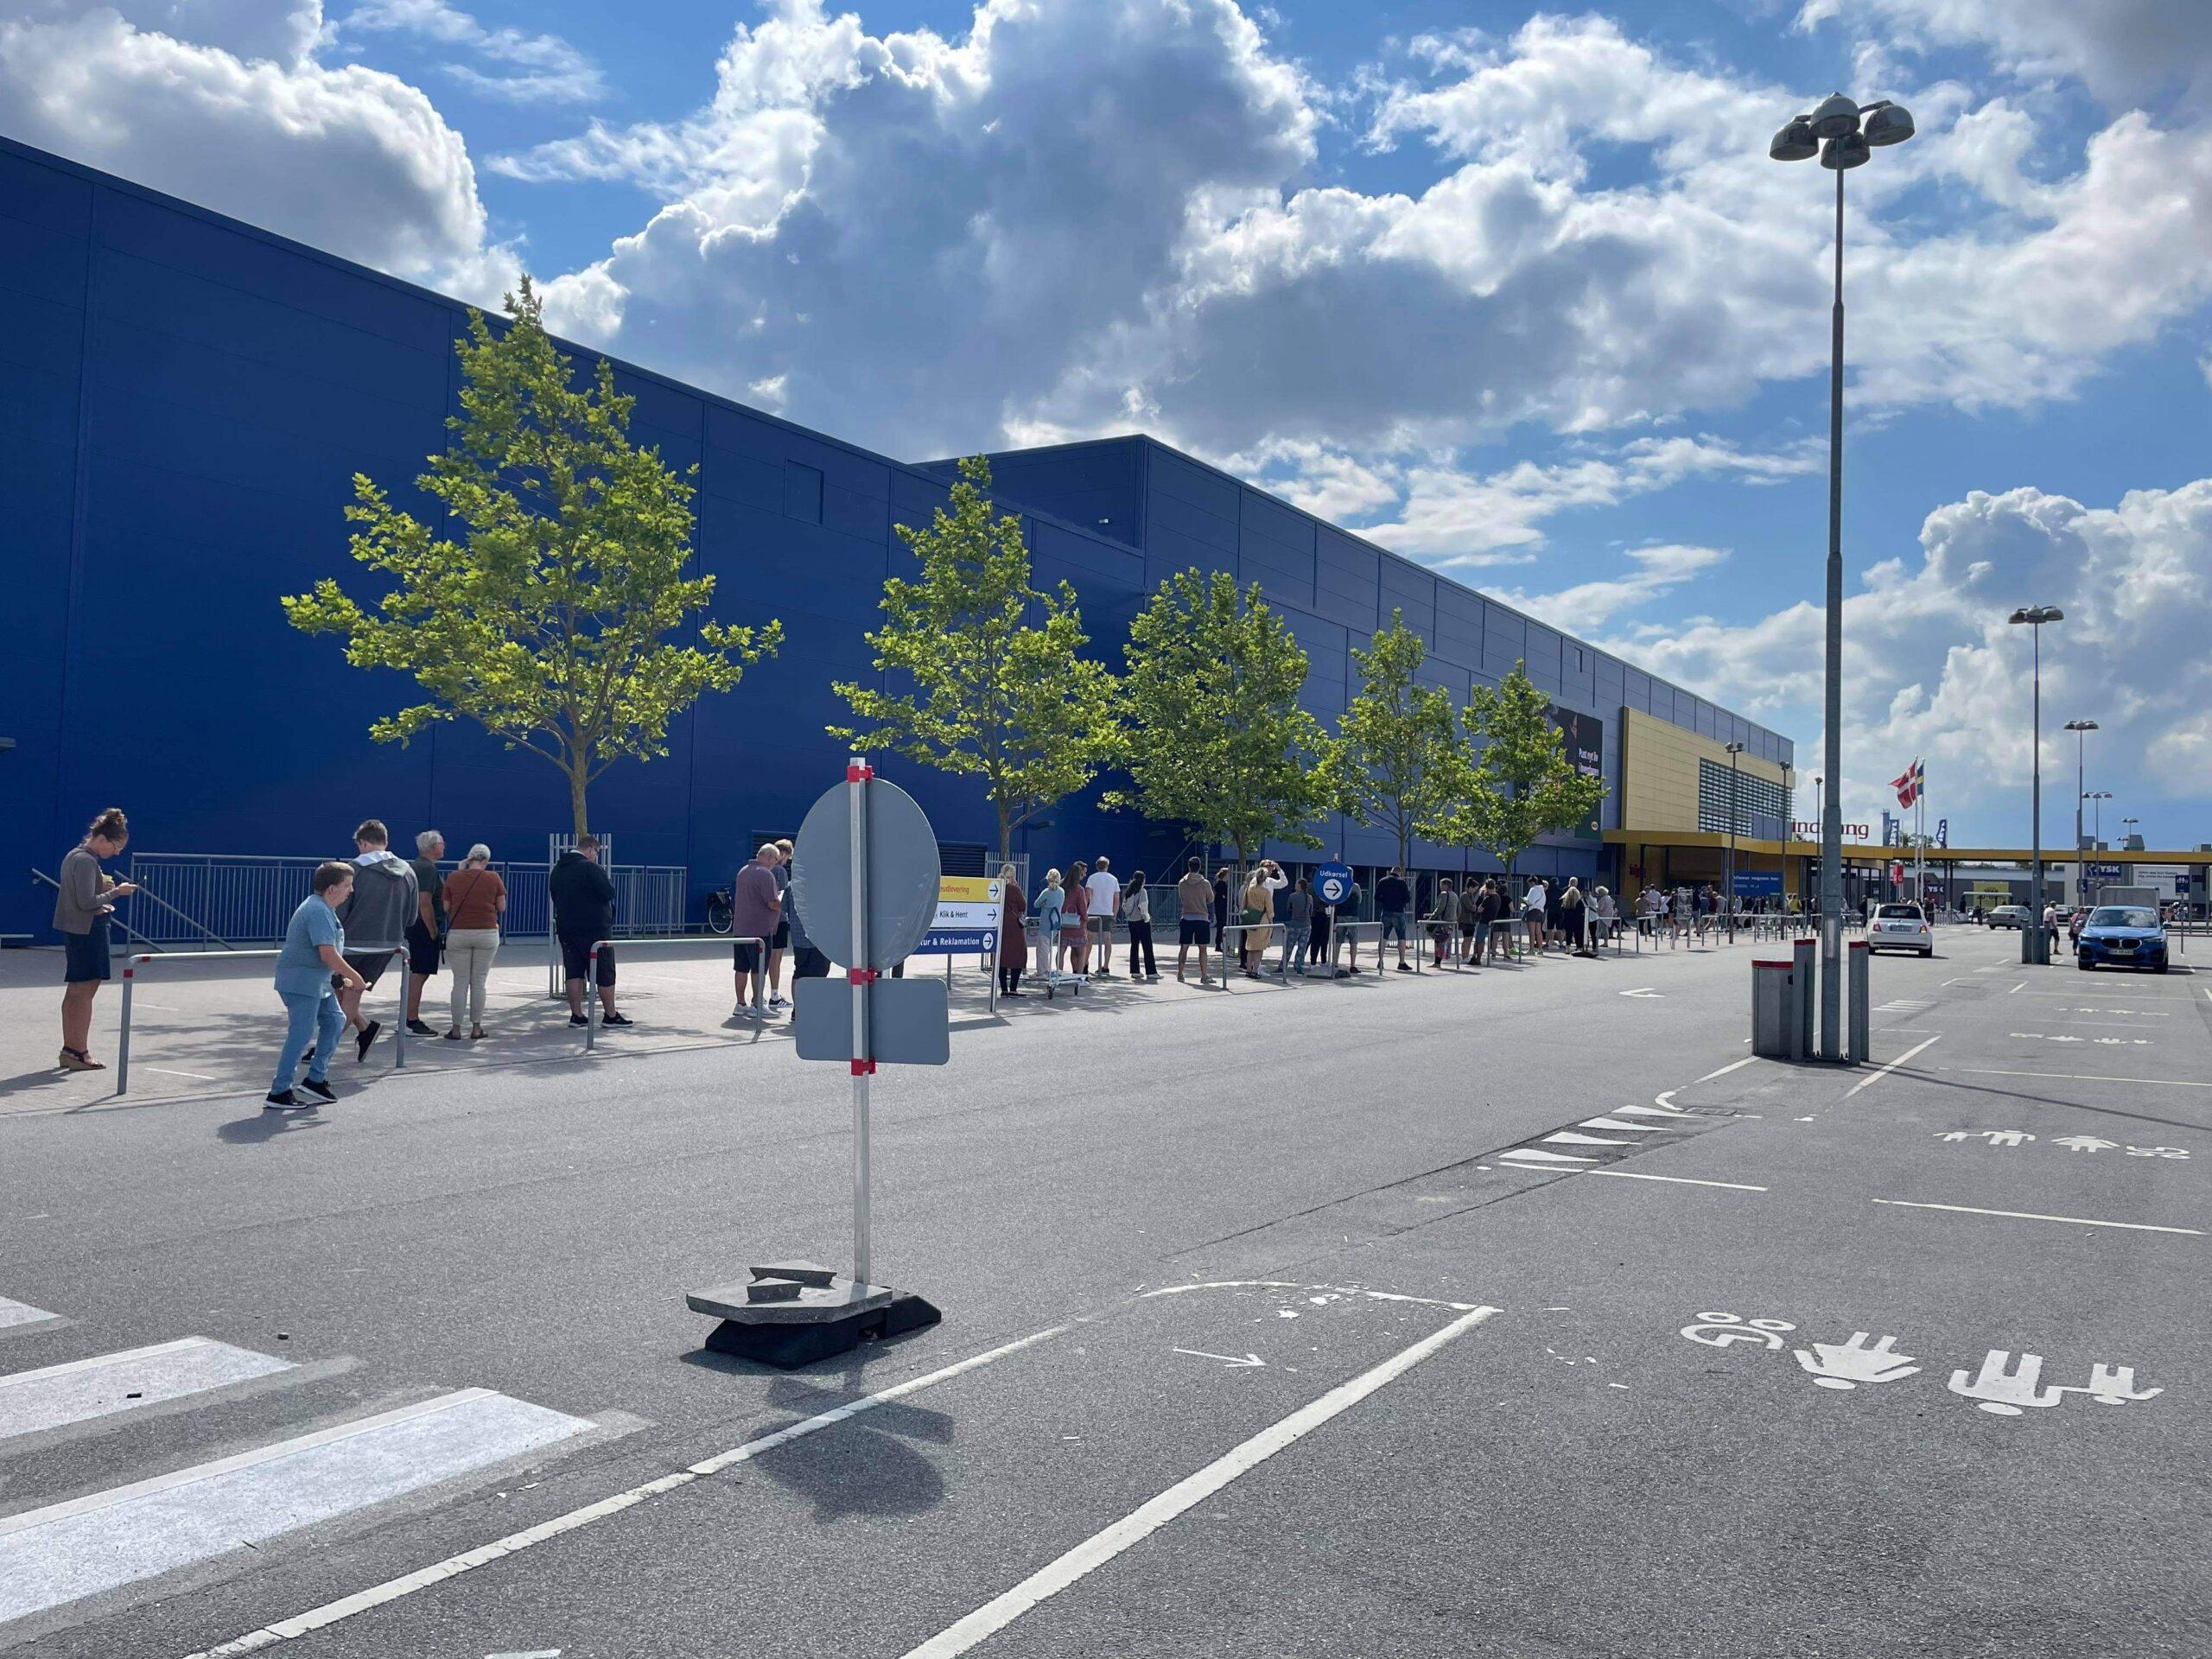 Stor vandskade lukker Ikea - har skabt større kø